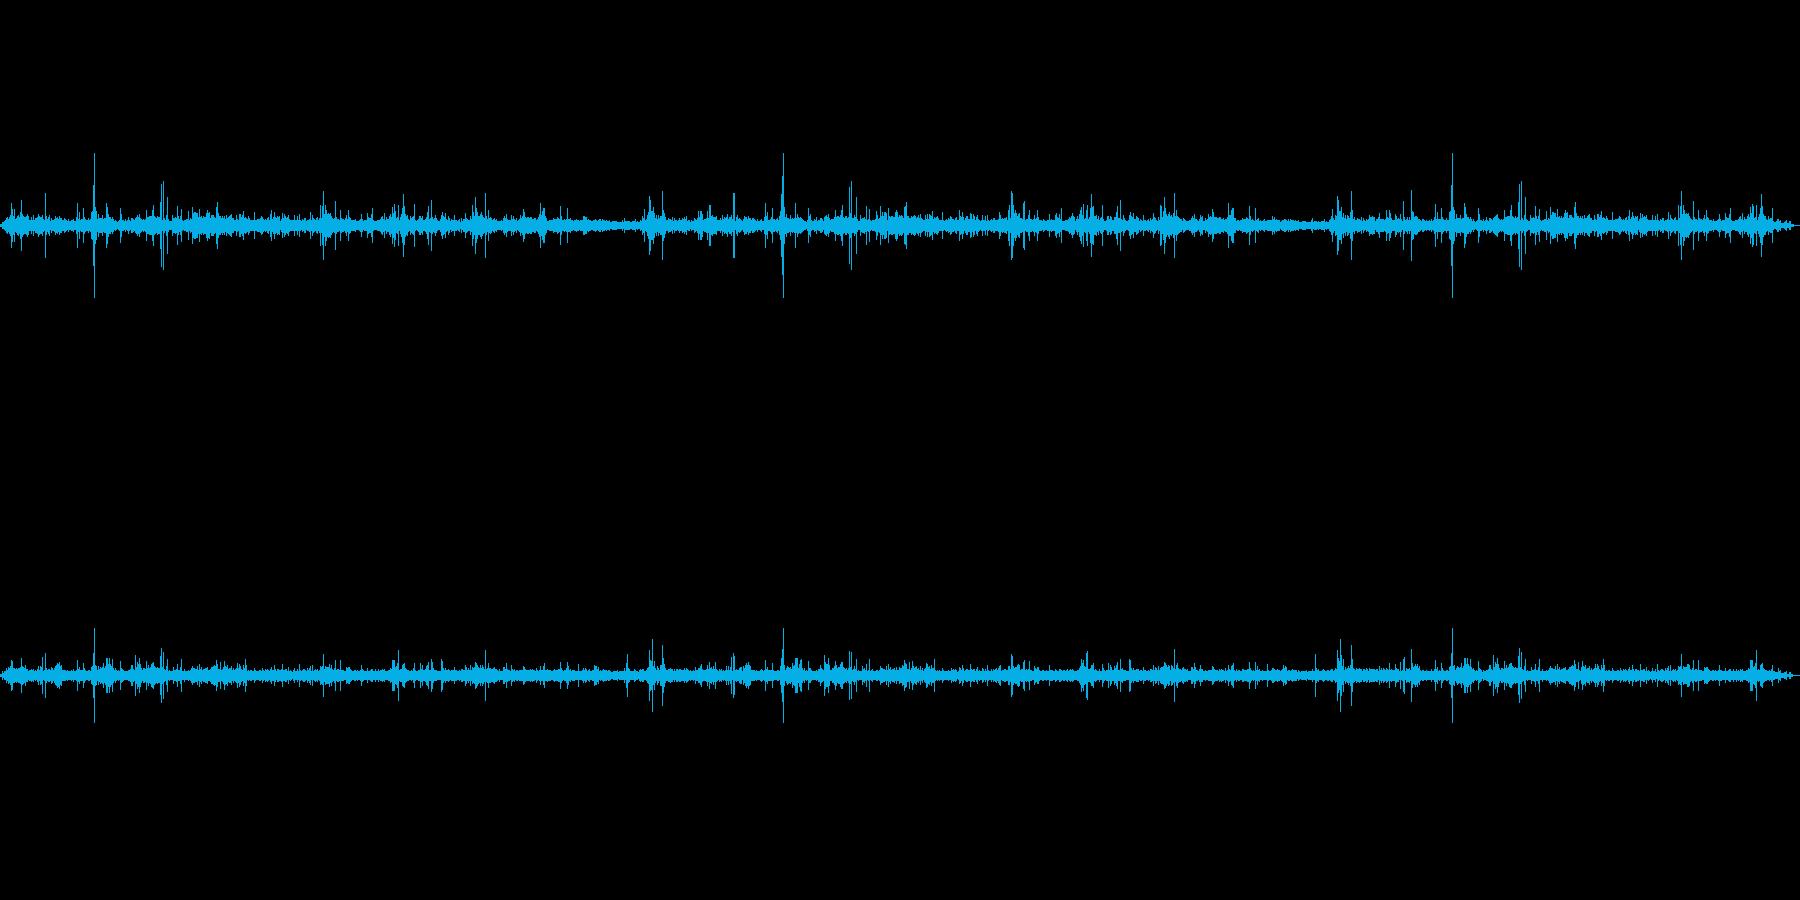 波の音~チャポチャポ音~岩場の波【生録】の再生済みの波形